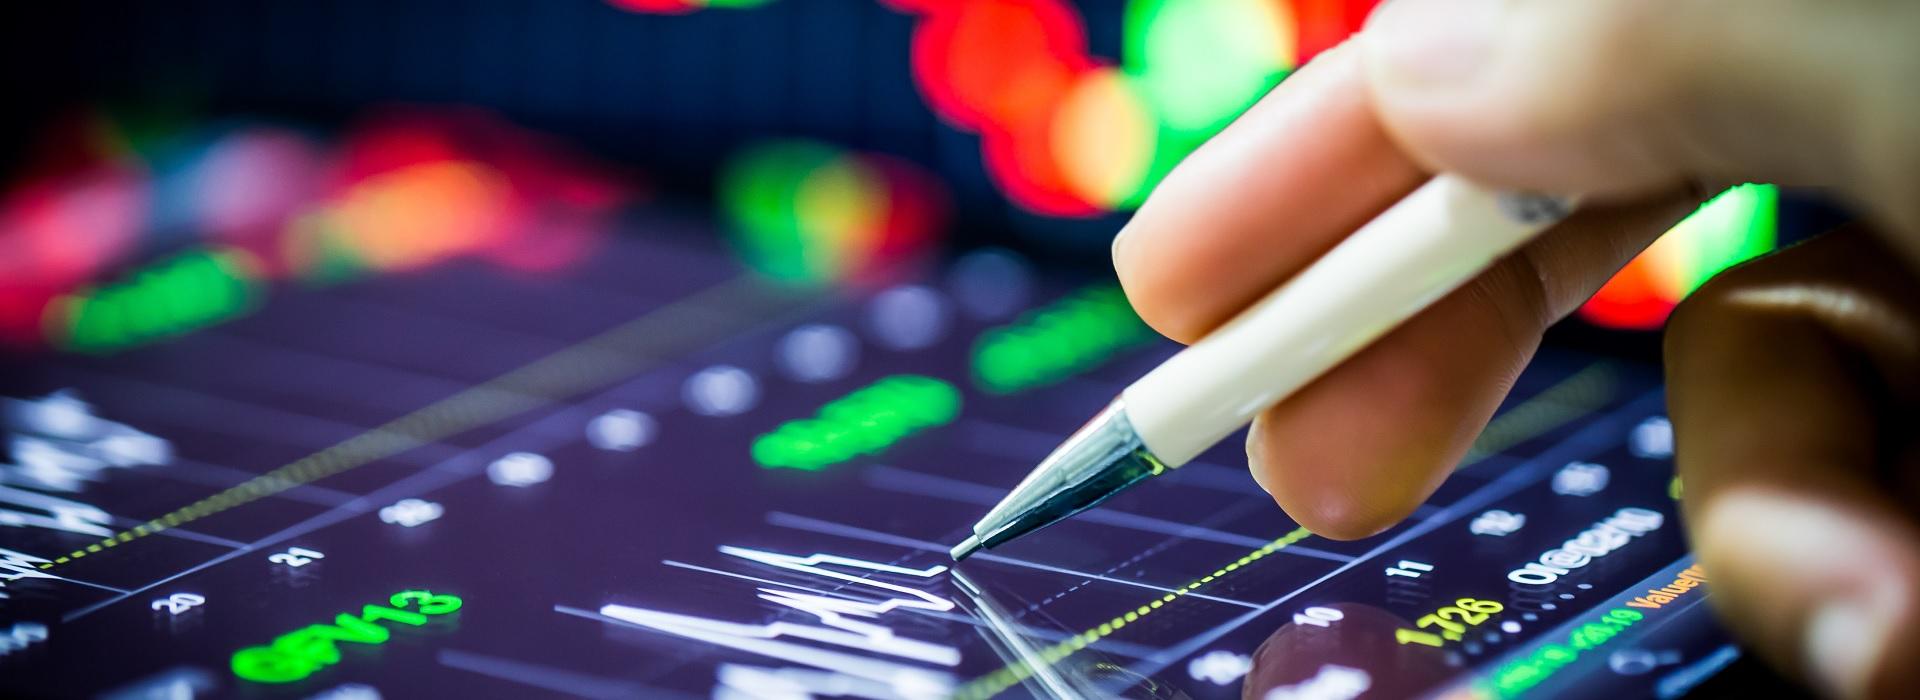 小資族存股 金融股是首選?有三大風險要注意